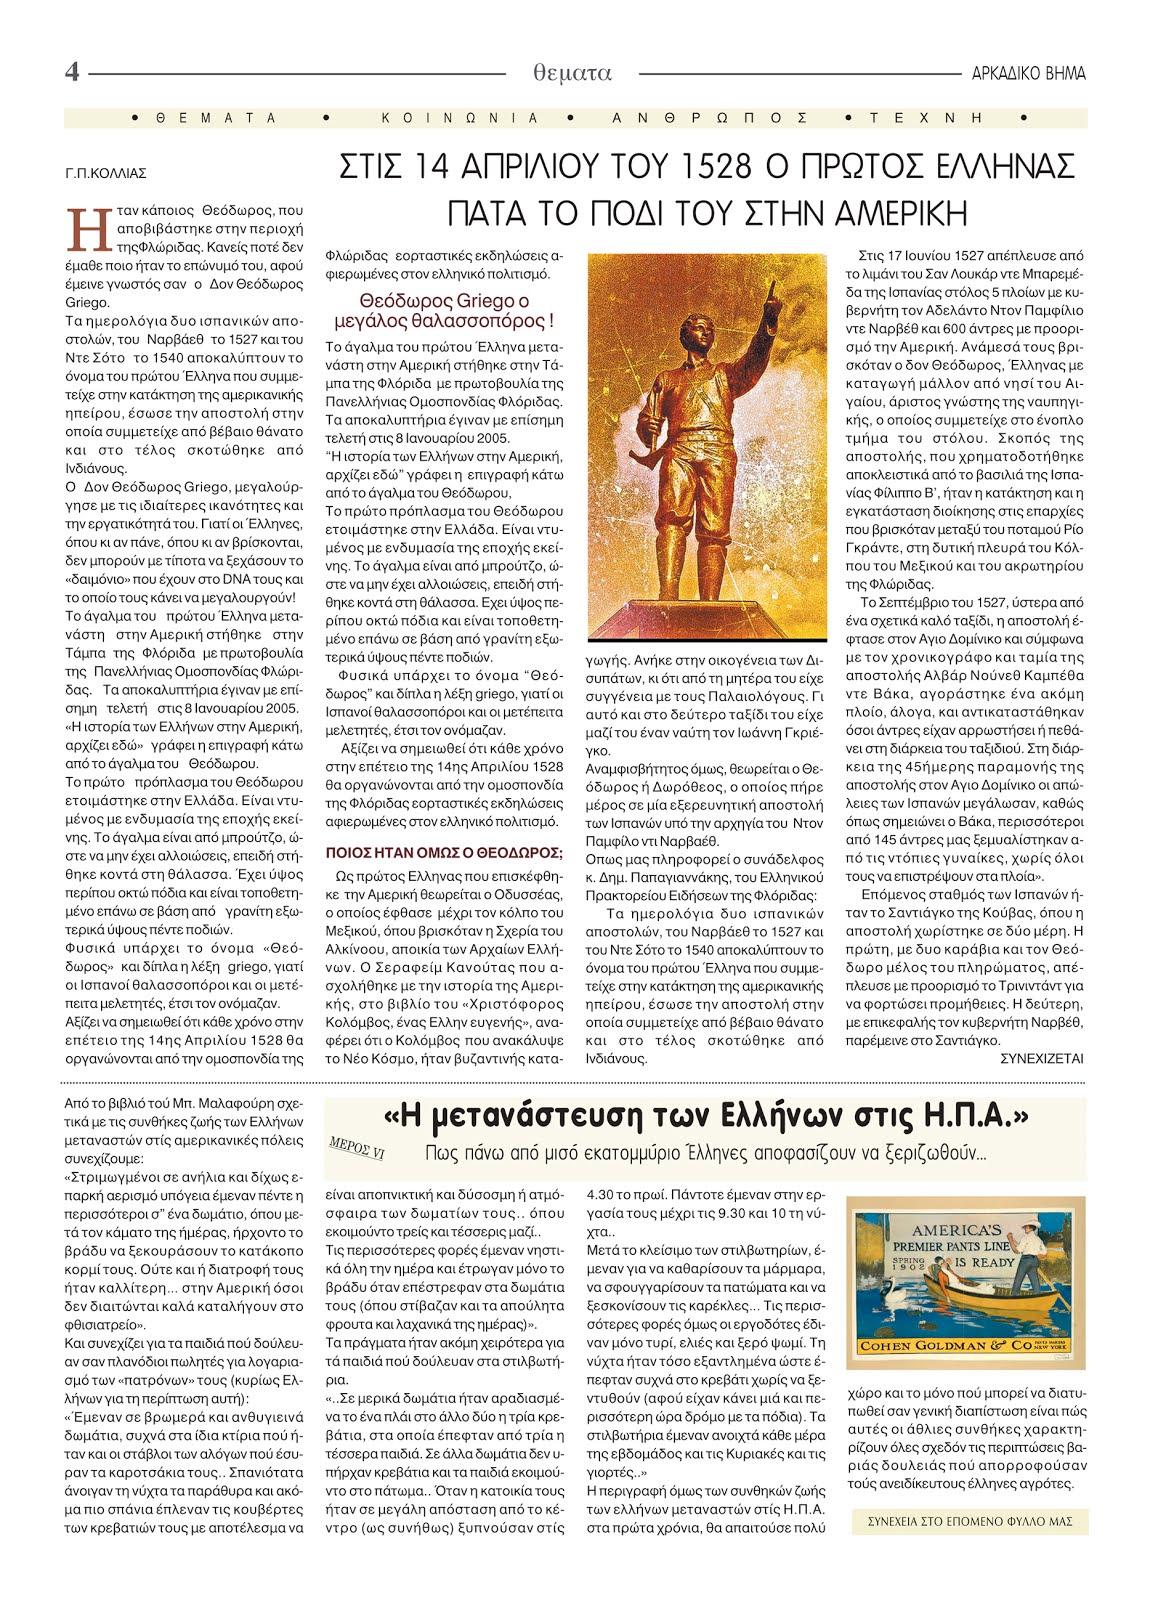 ΑΡΚΑΔΙΚΟ ΒΗΜΑ - Κοντά στον Απόδημο Ελληνισμό